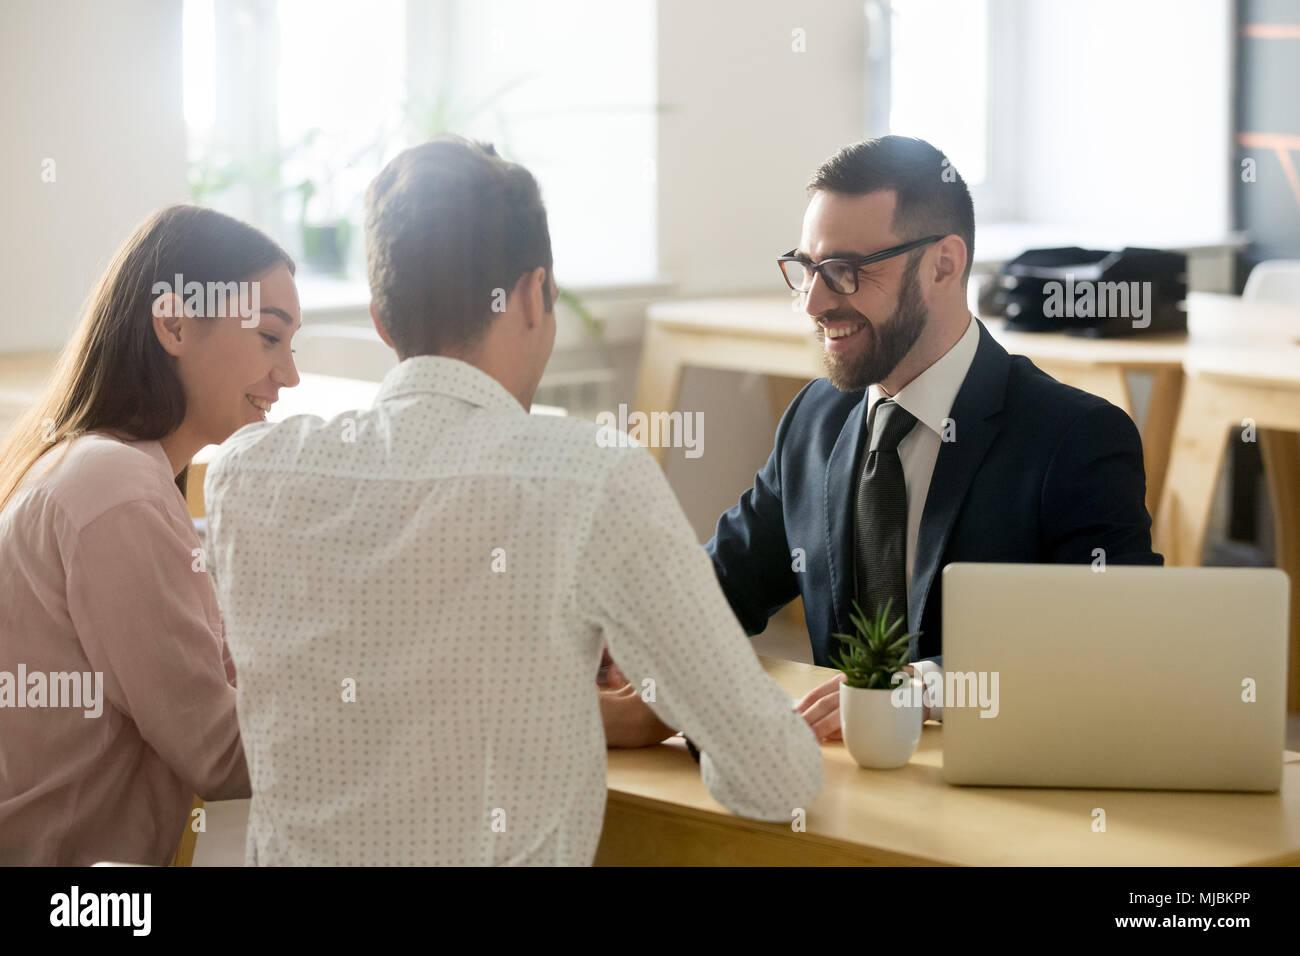 Freundlich Anwalt oder Finanzberater in Anzug consulting junge Co Stockbild